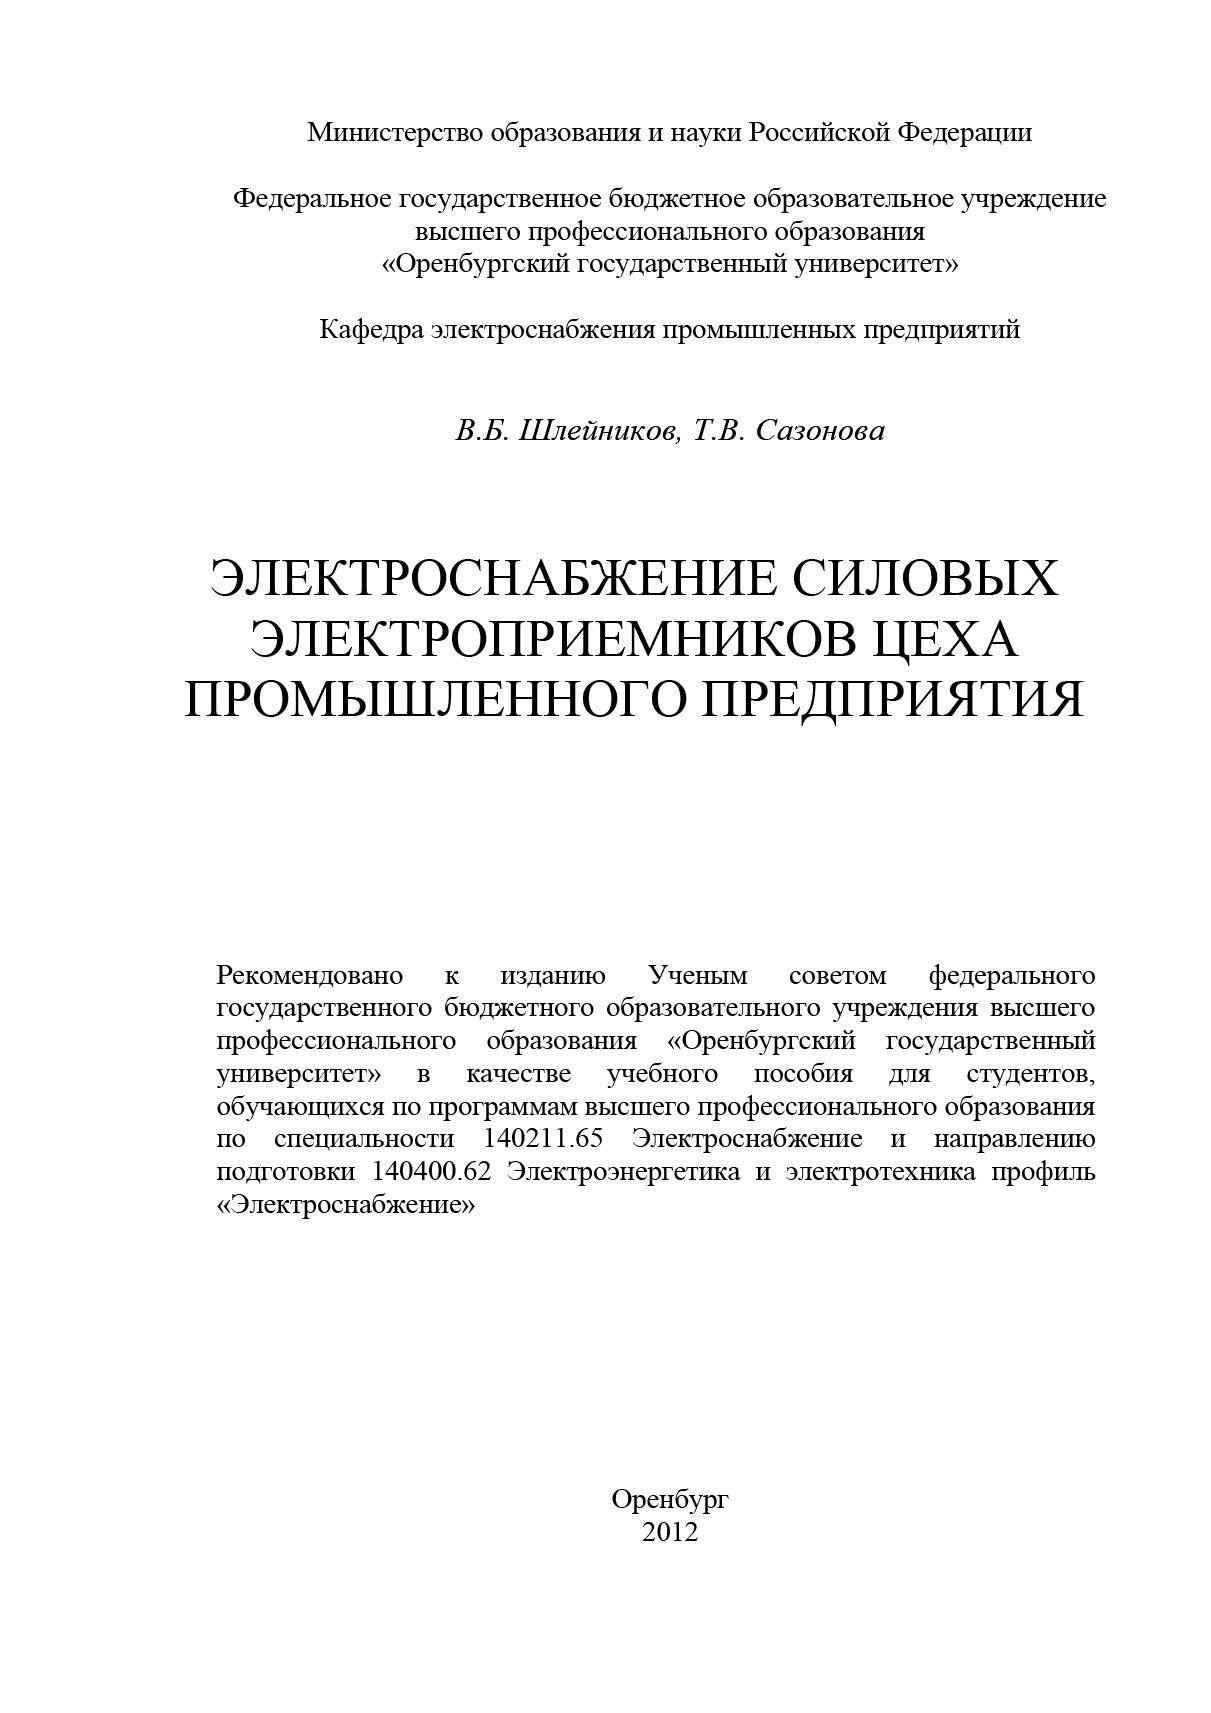 Т. Сазонова Электроснабжение силовых электроприемников цеха промышленного предприятия